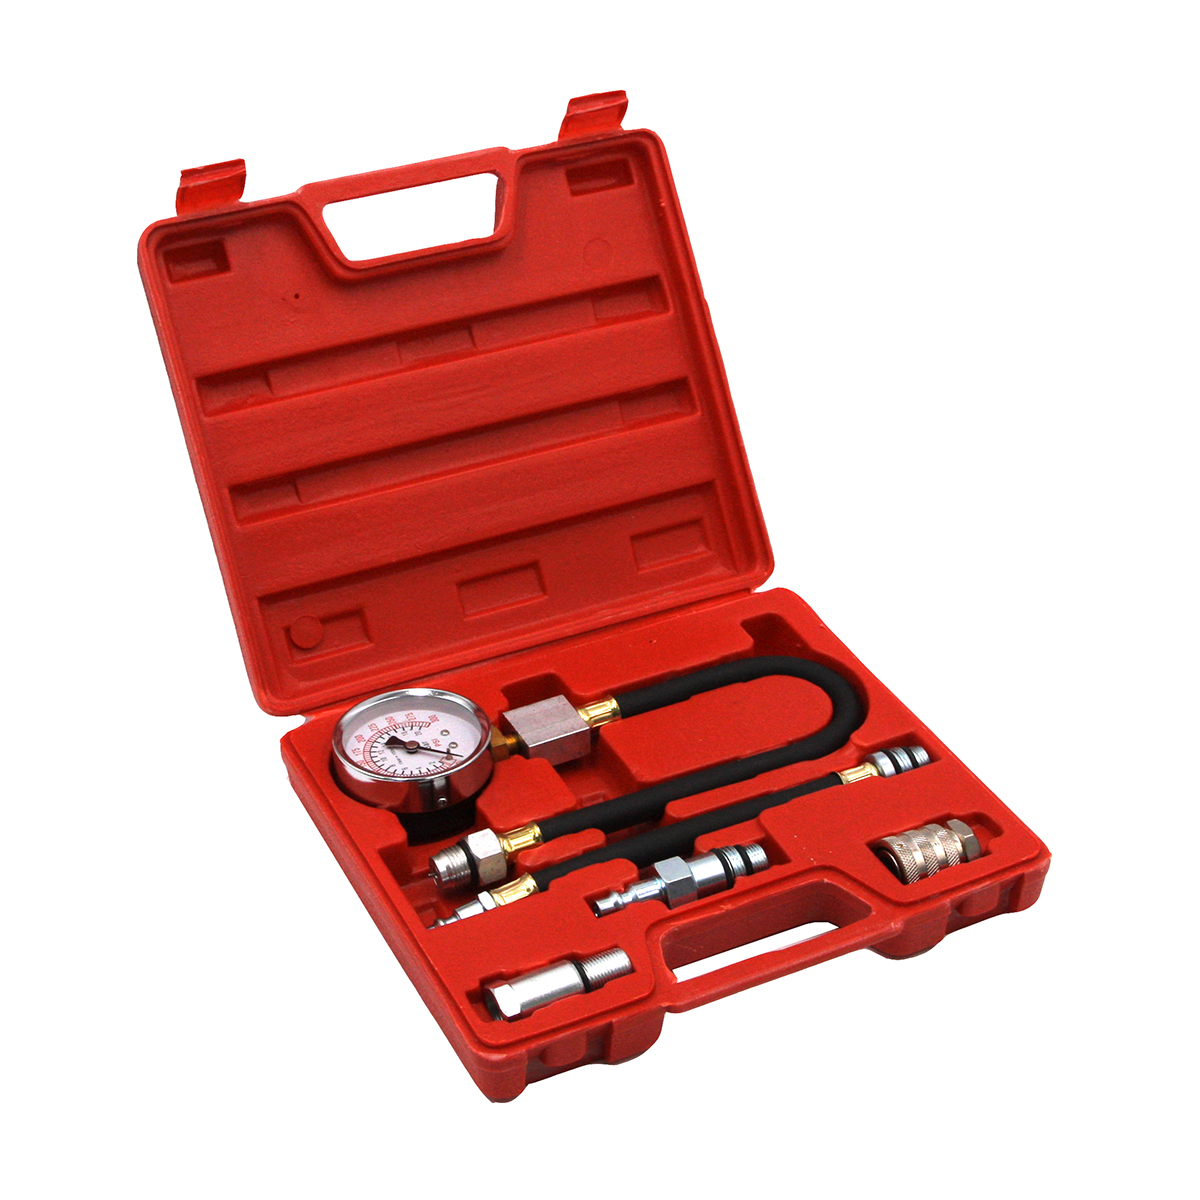 Компрессометр бензиновый с гибкими шлангами и тремя адаптерами Car-Tool CT-N0104